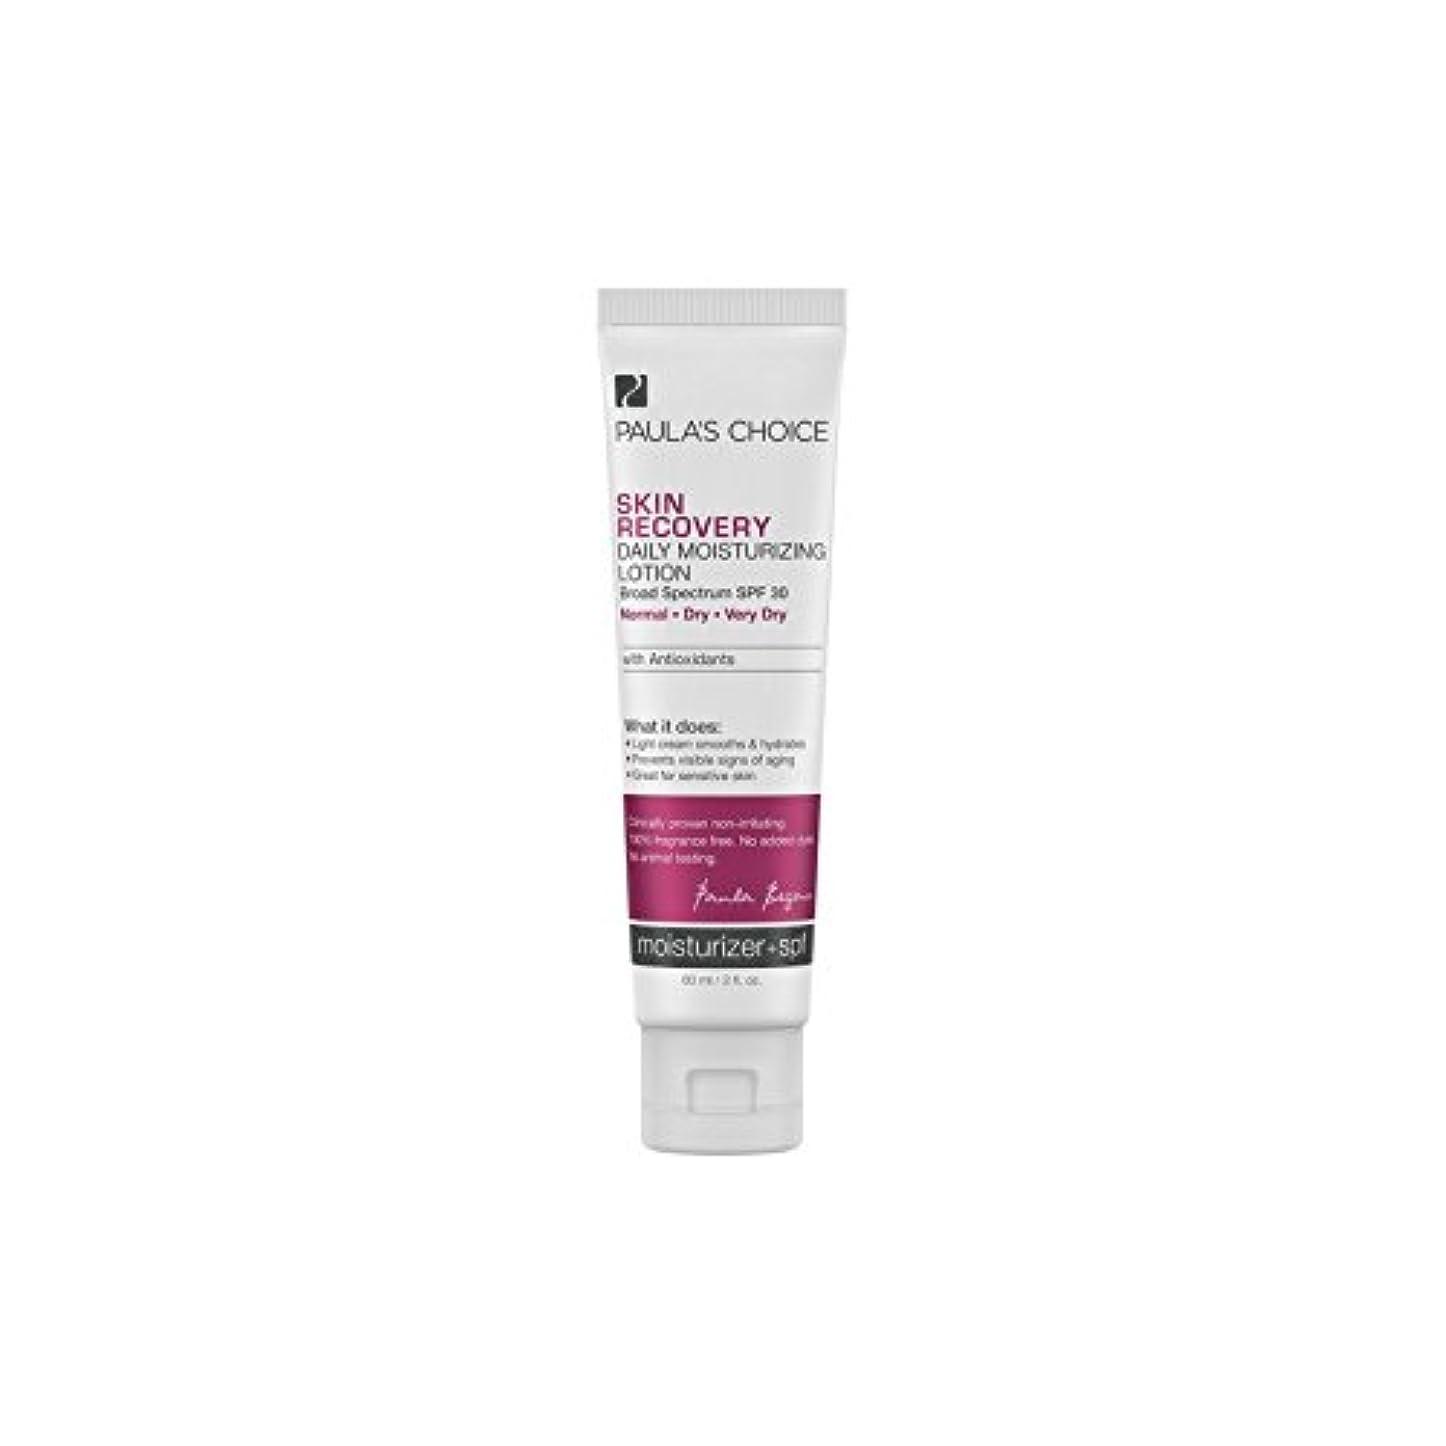 襟偶然まだPaula's Choice Skin Recovery Daily Moisturizing Lotion Spf30 (60ml) - ポーラチョイスの肌の回復毎日の保湿ローション30(60ミリリットル) [並行輸入品]